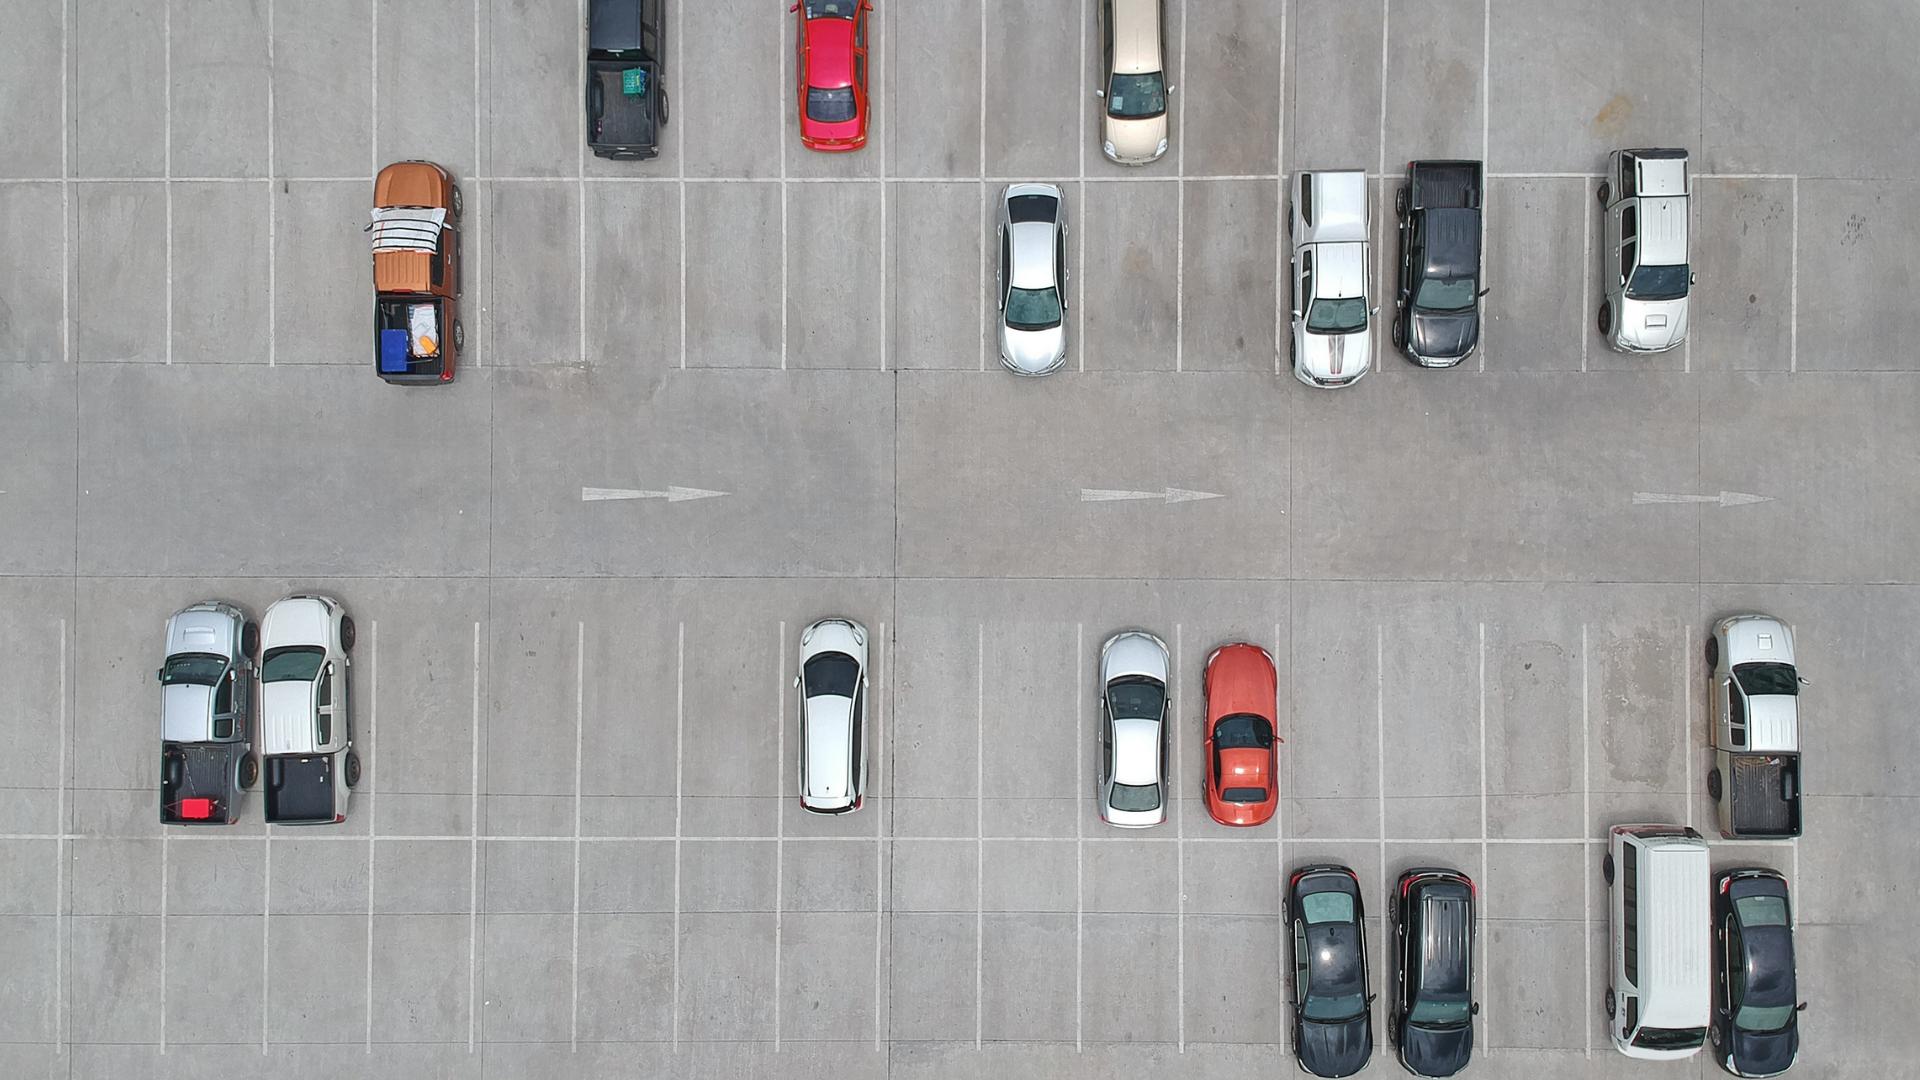 Što zapravo obuhvaća dugoročni najam vozila i zašto je isplativ za poslovne korisnike